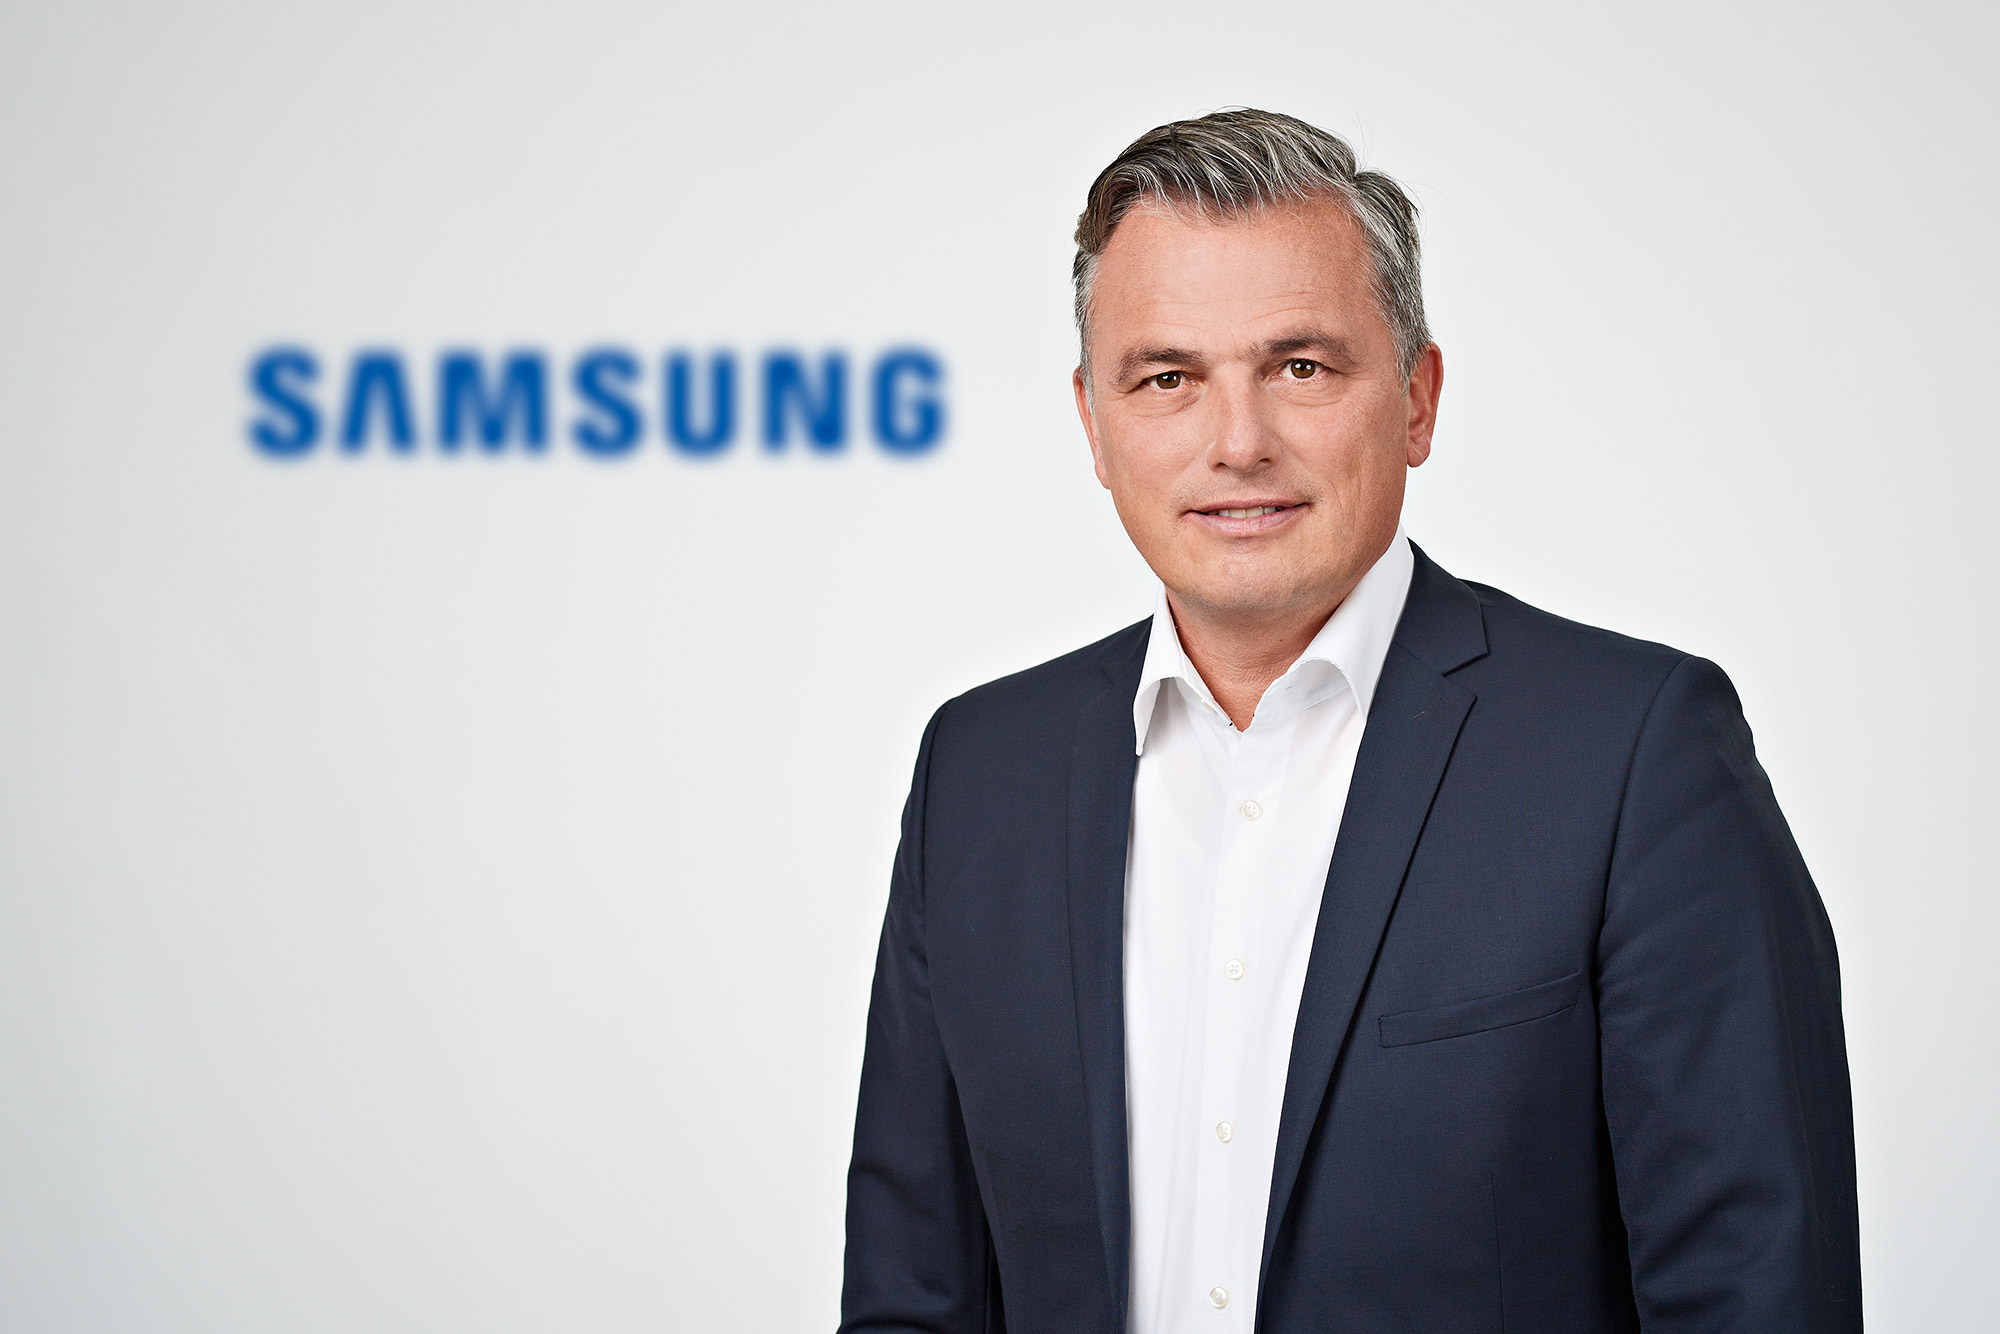 Samsung: Neue Herausforderungen brauchen neue Köpfe